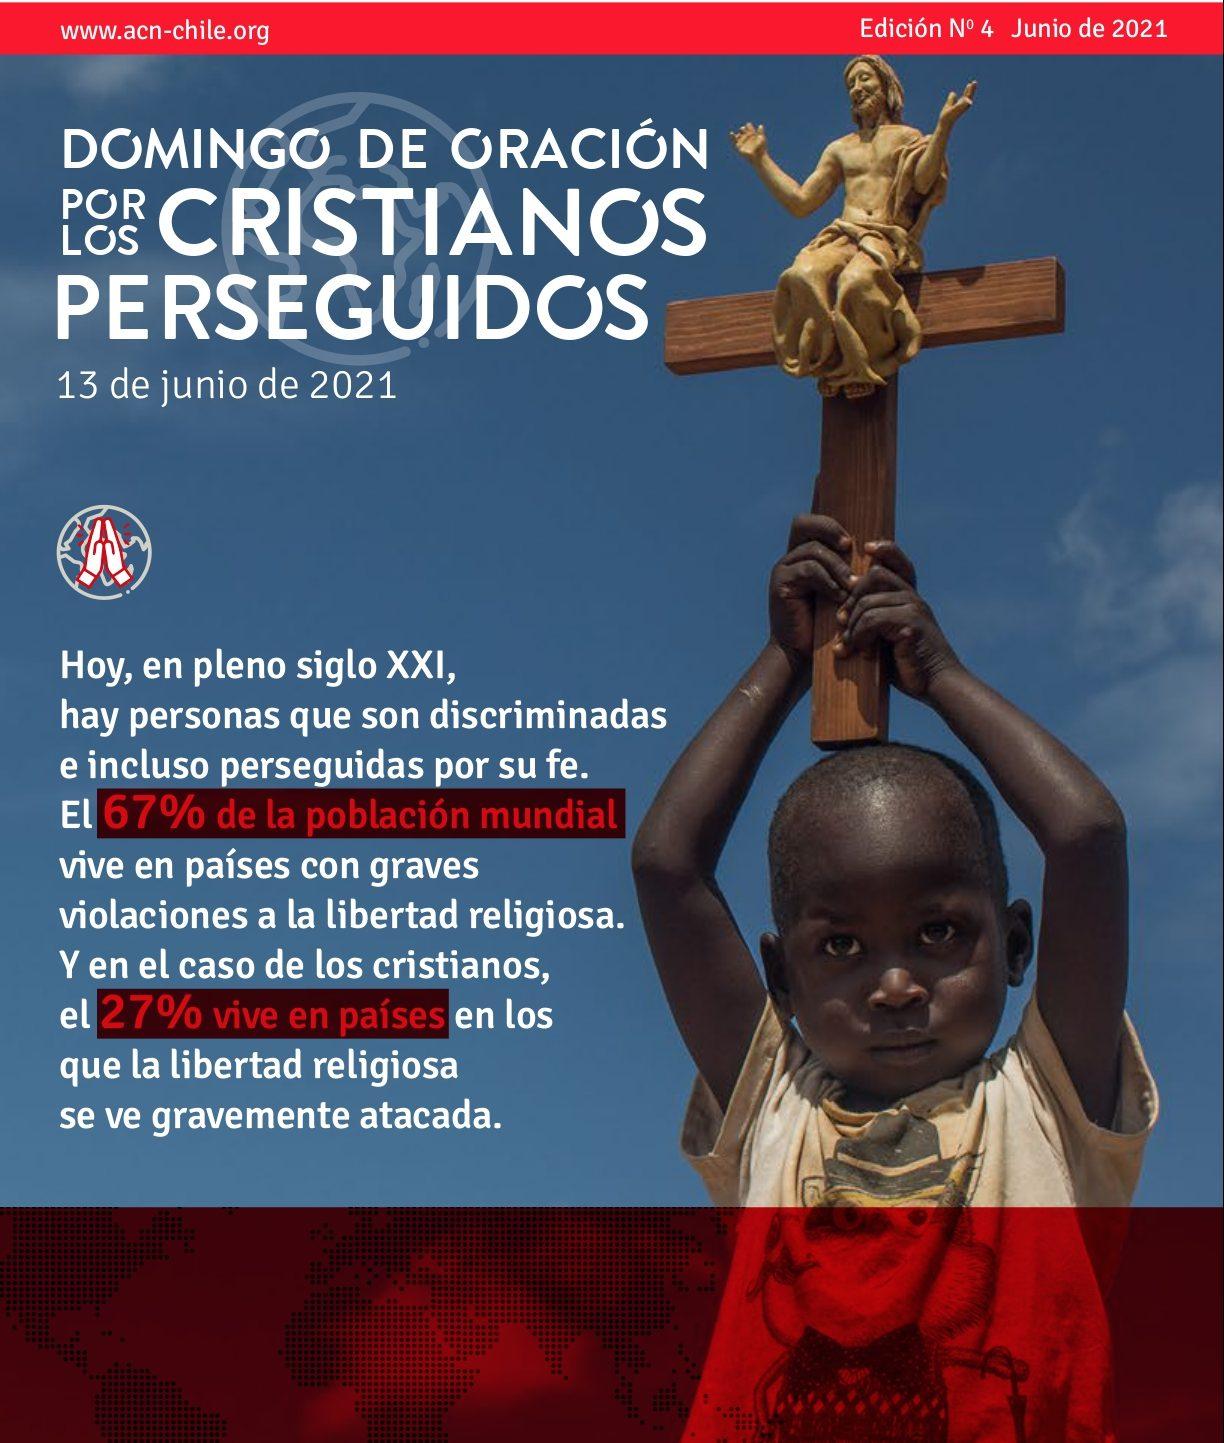 DOMINGO DE ORACIÓN POR LA IGLESIA PERSEGUIDA